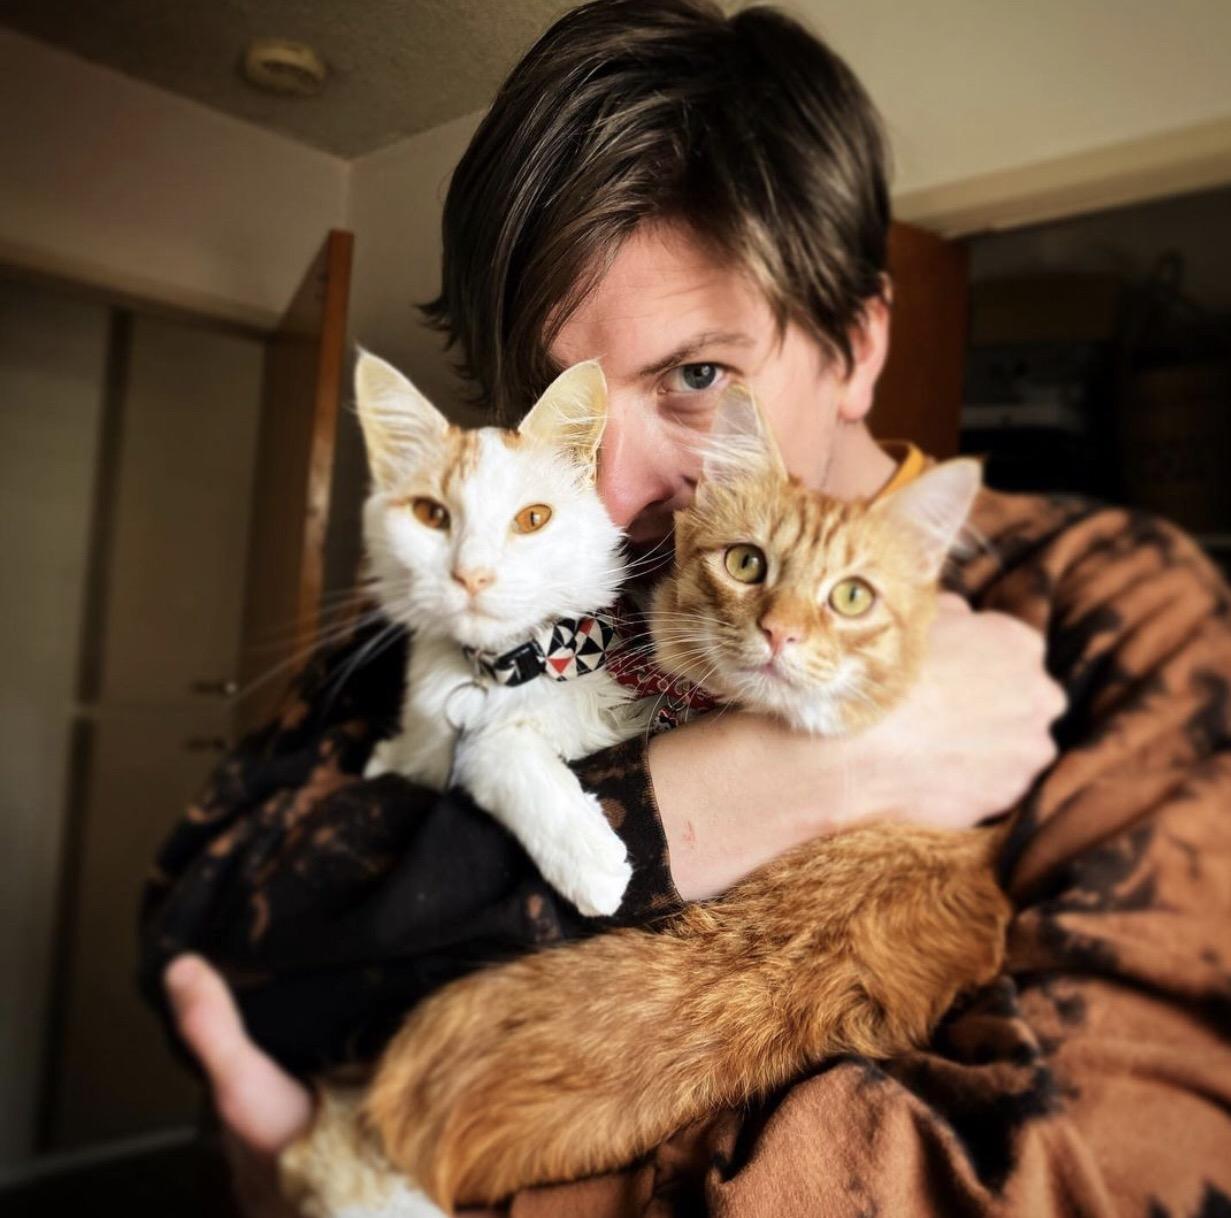 Matt Kean with his pet cats